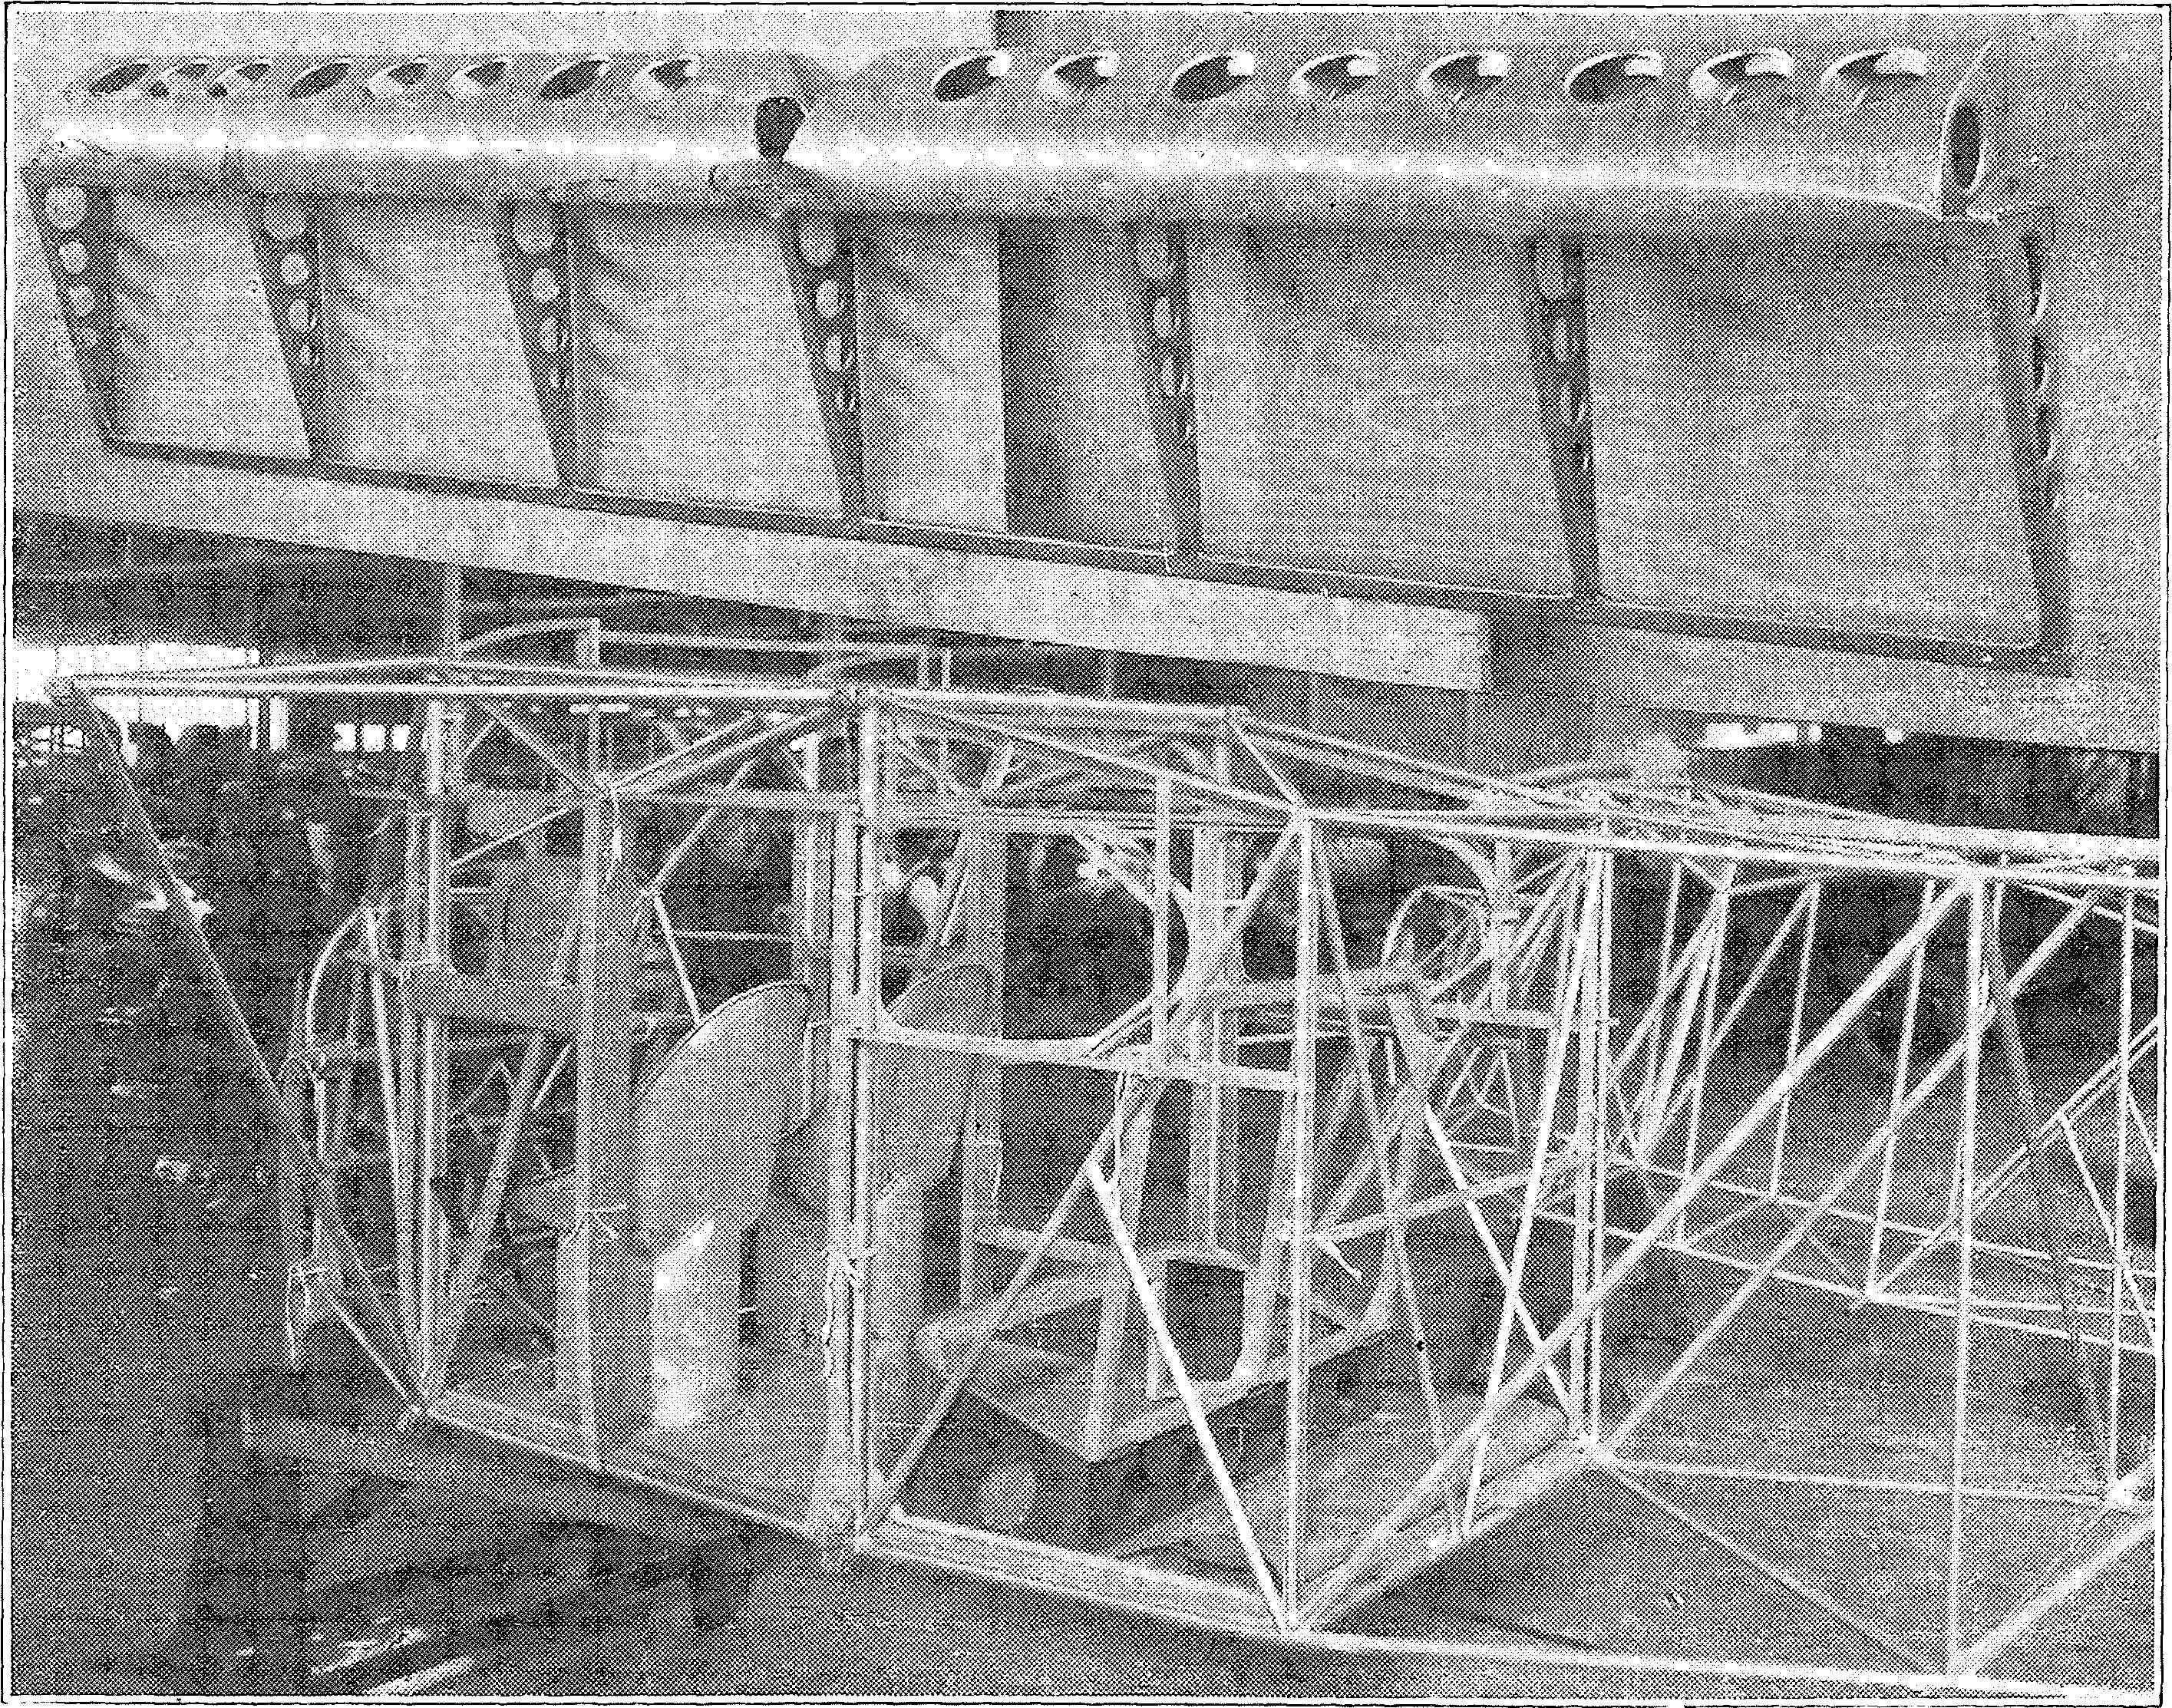 Segelflug, Motorflug und Modellflug sowie Luftfahrt und Luftverkehr im Deutschen Reich (Weimarer Republik) im Jahre 1929